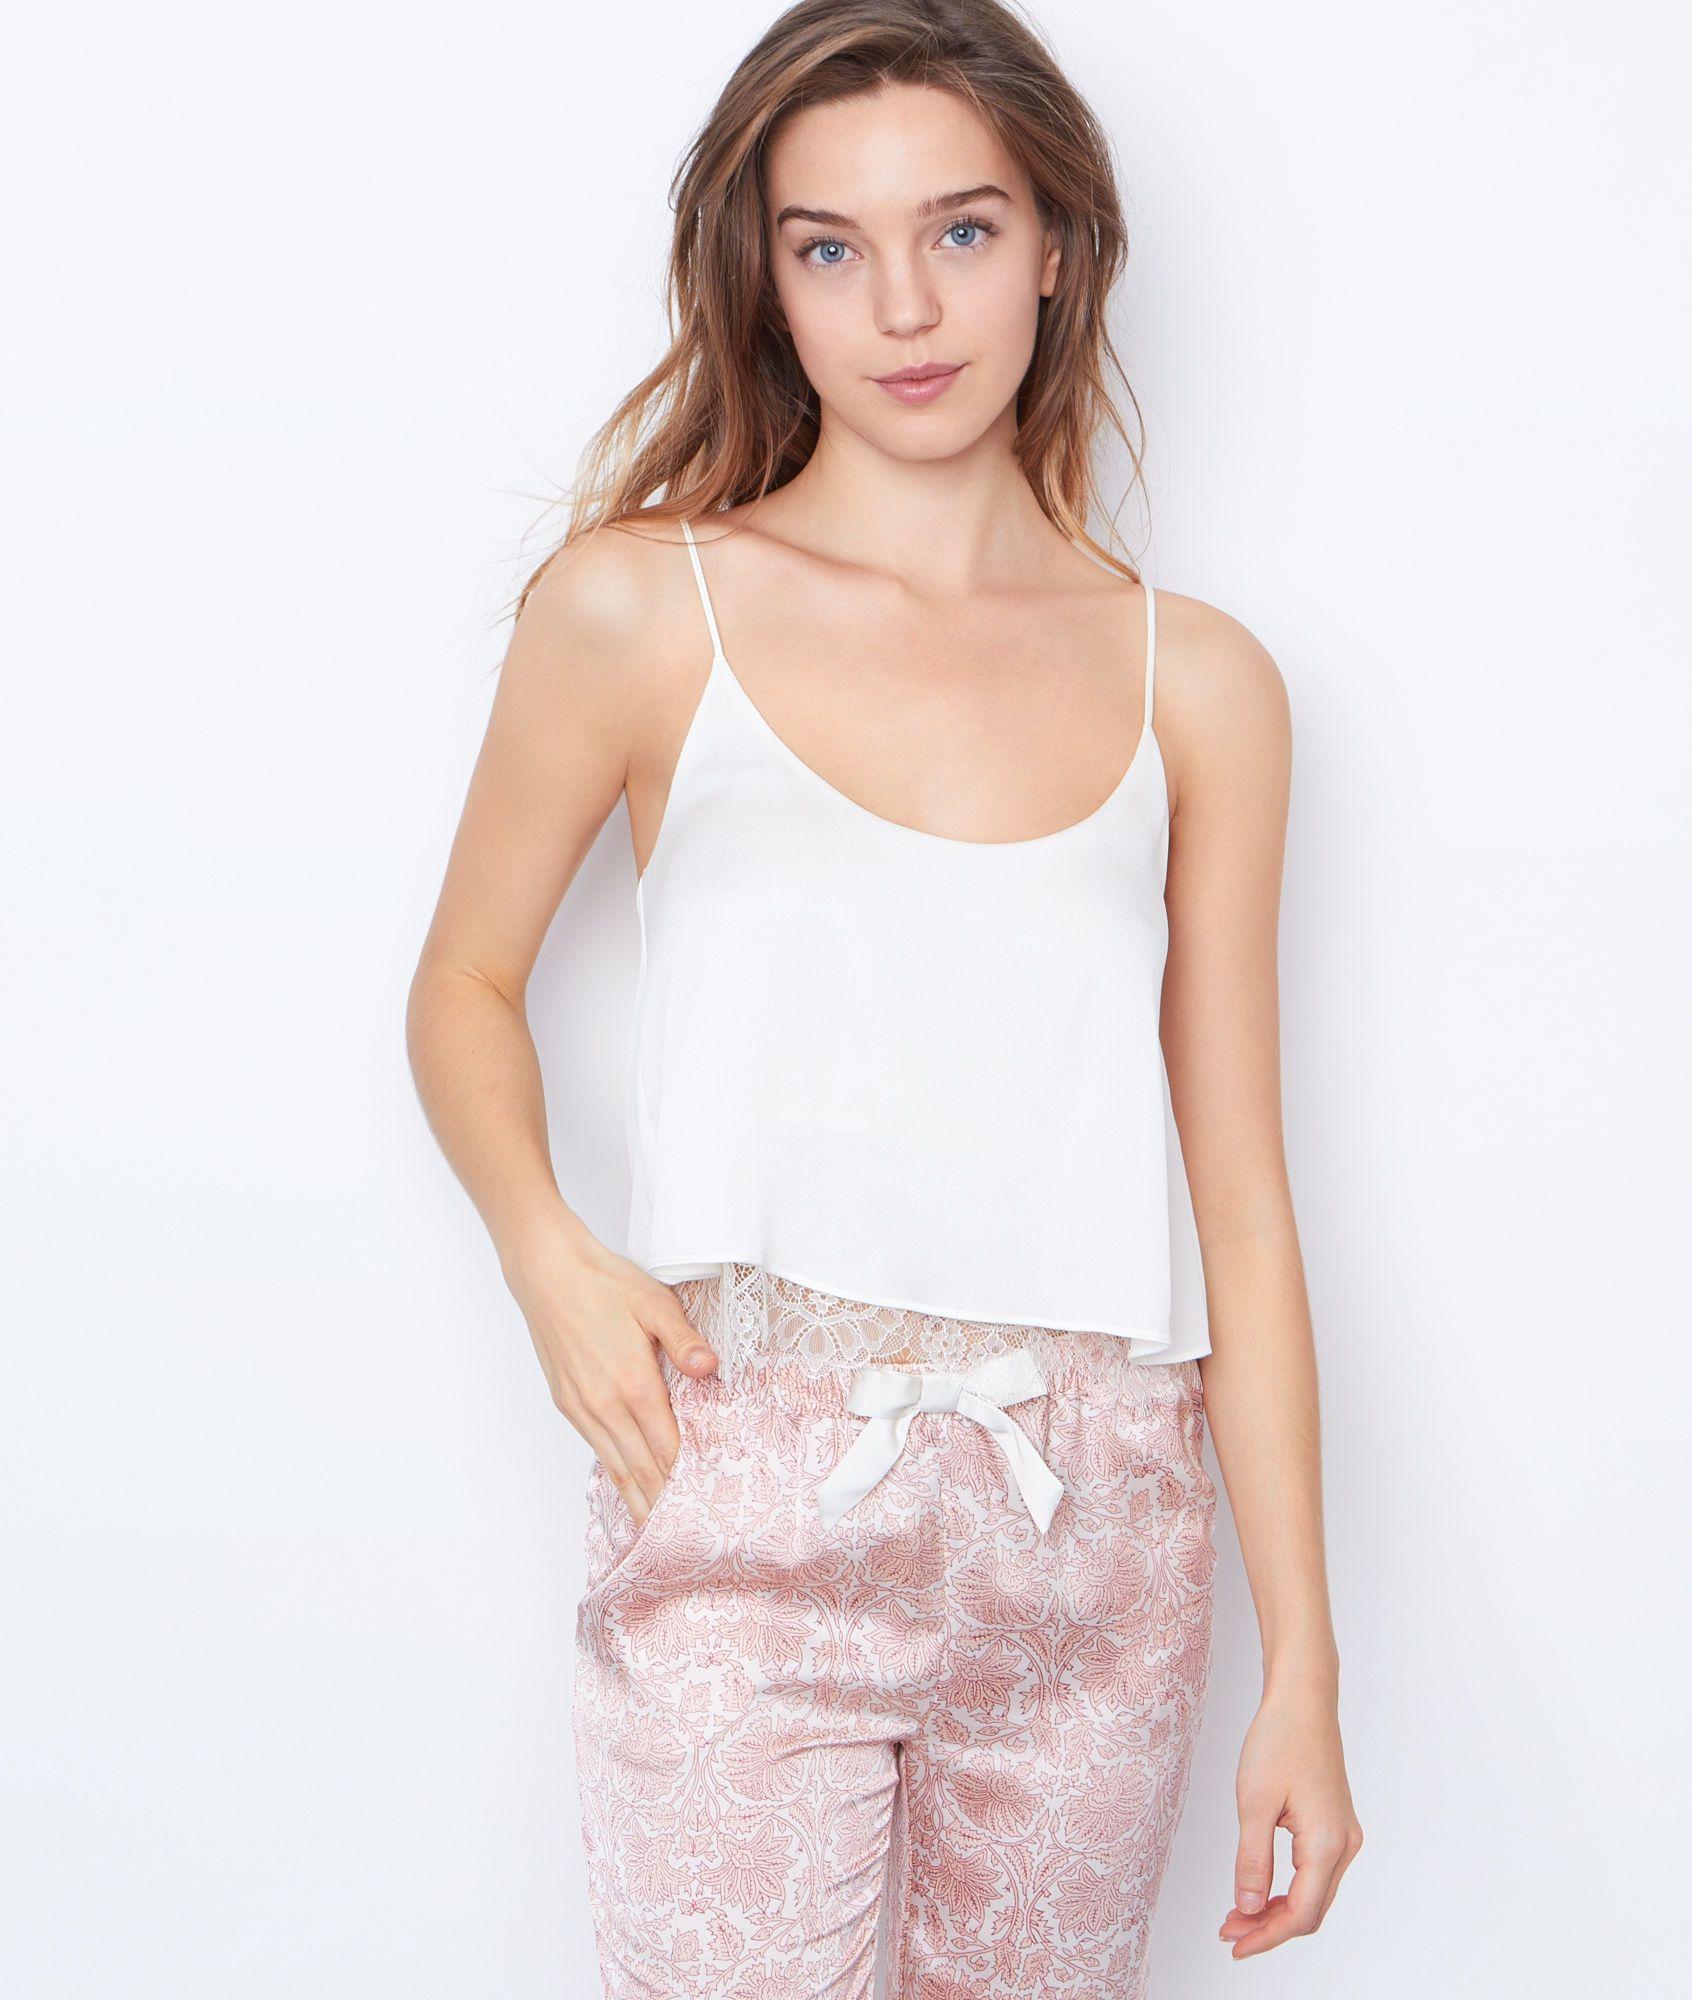 sélectionner pour authentique trouver le travail classique chic PYJAMA OBERTEILE - ETAM | Be jamms | Pyjamas, Tank tops, Tops